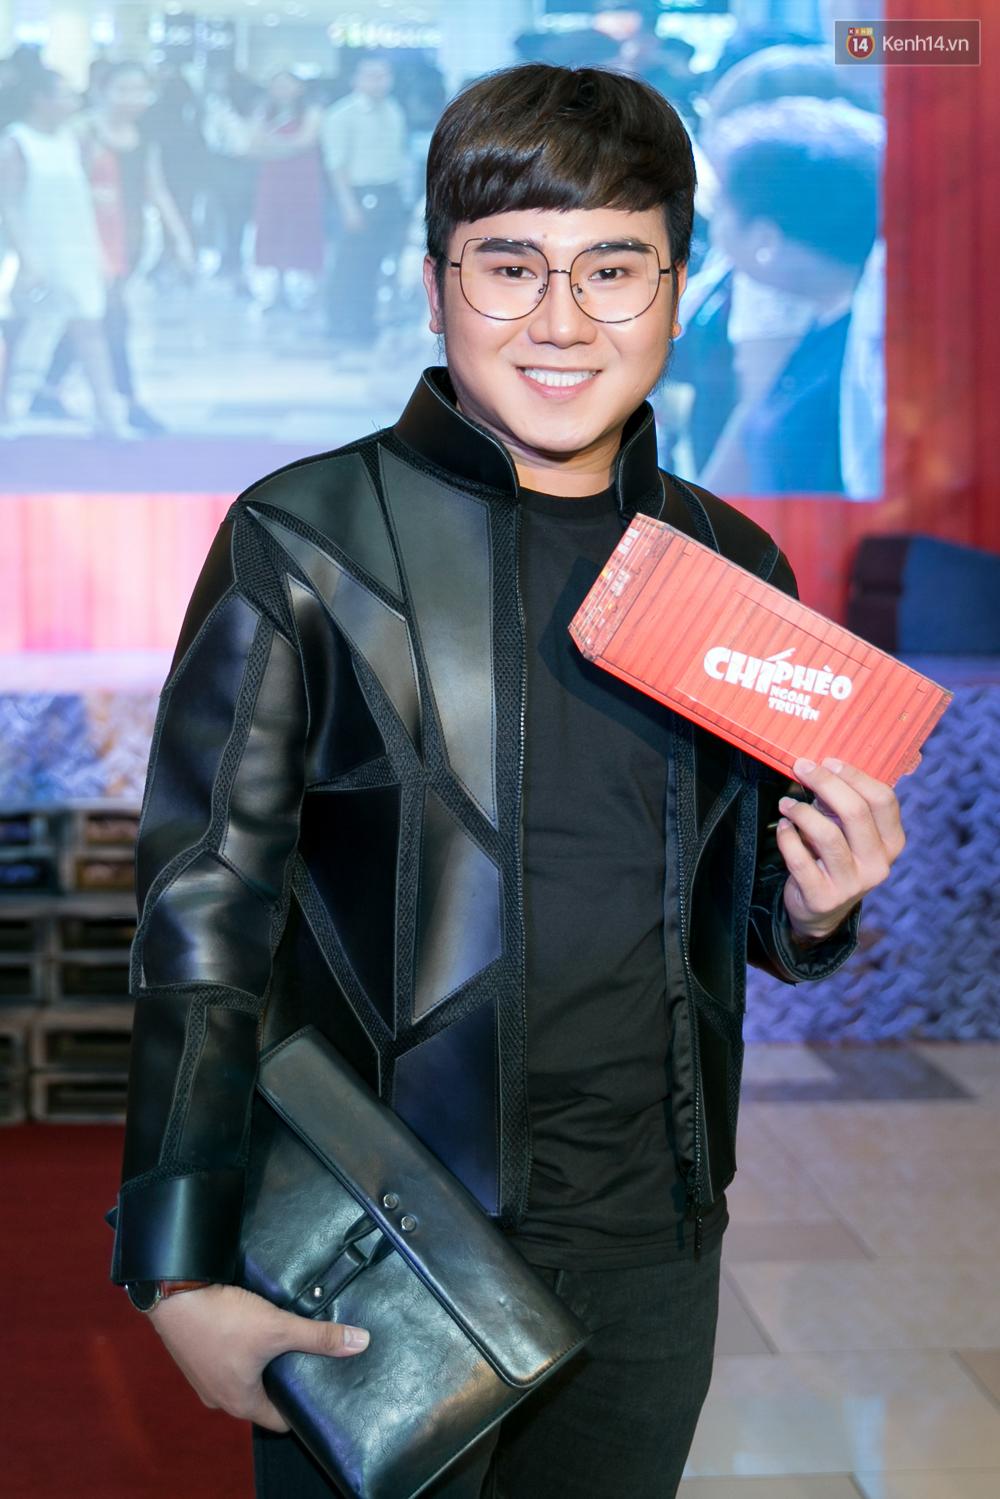 Hậu thẩm mỹ, Phi Thanh Vân khoe vòng 3 khủng tại sự kiện ra mắt Chí Phèo ngoại truyện - Ảnh 12.